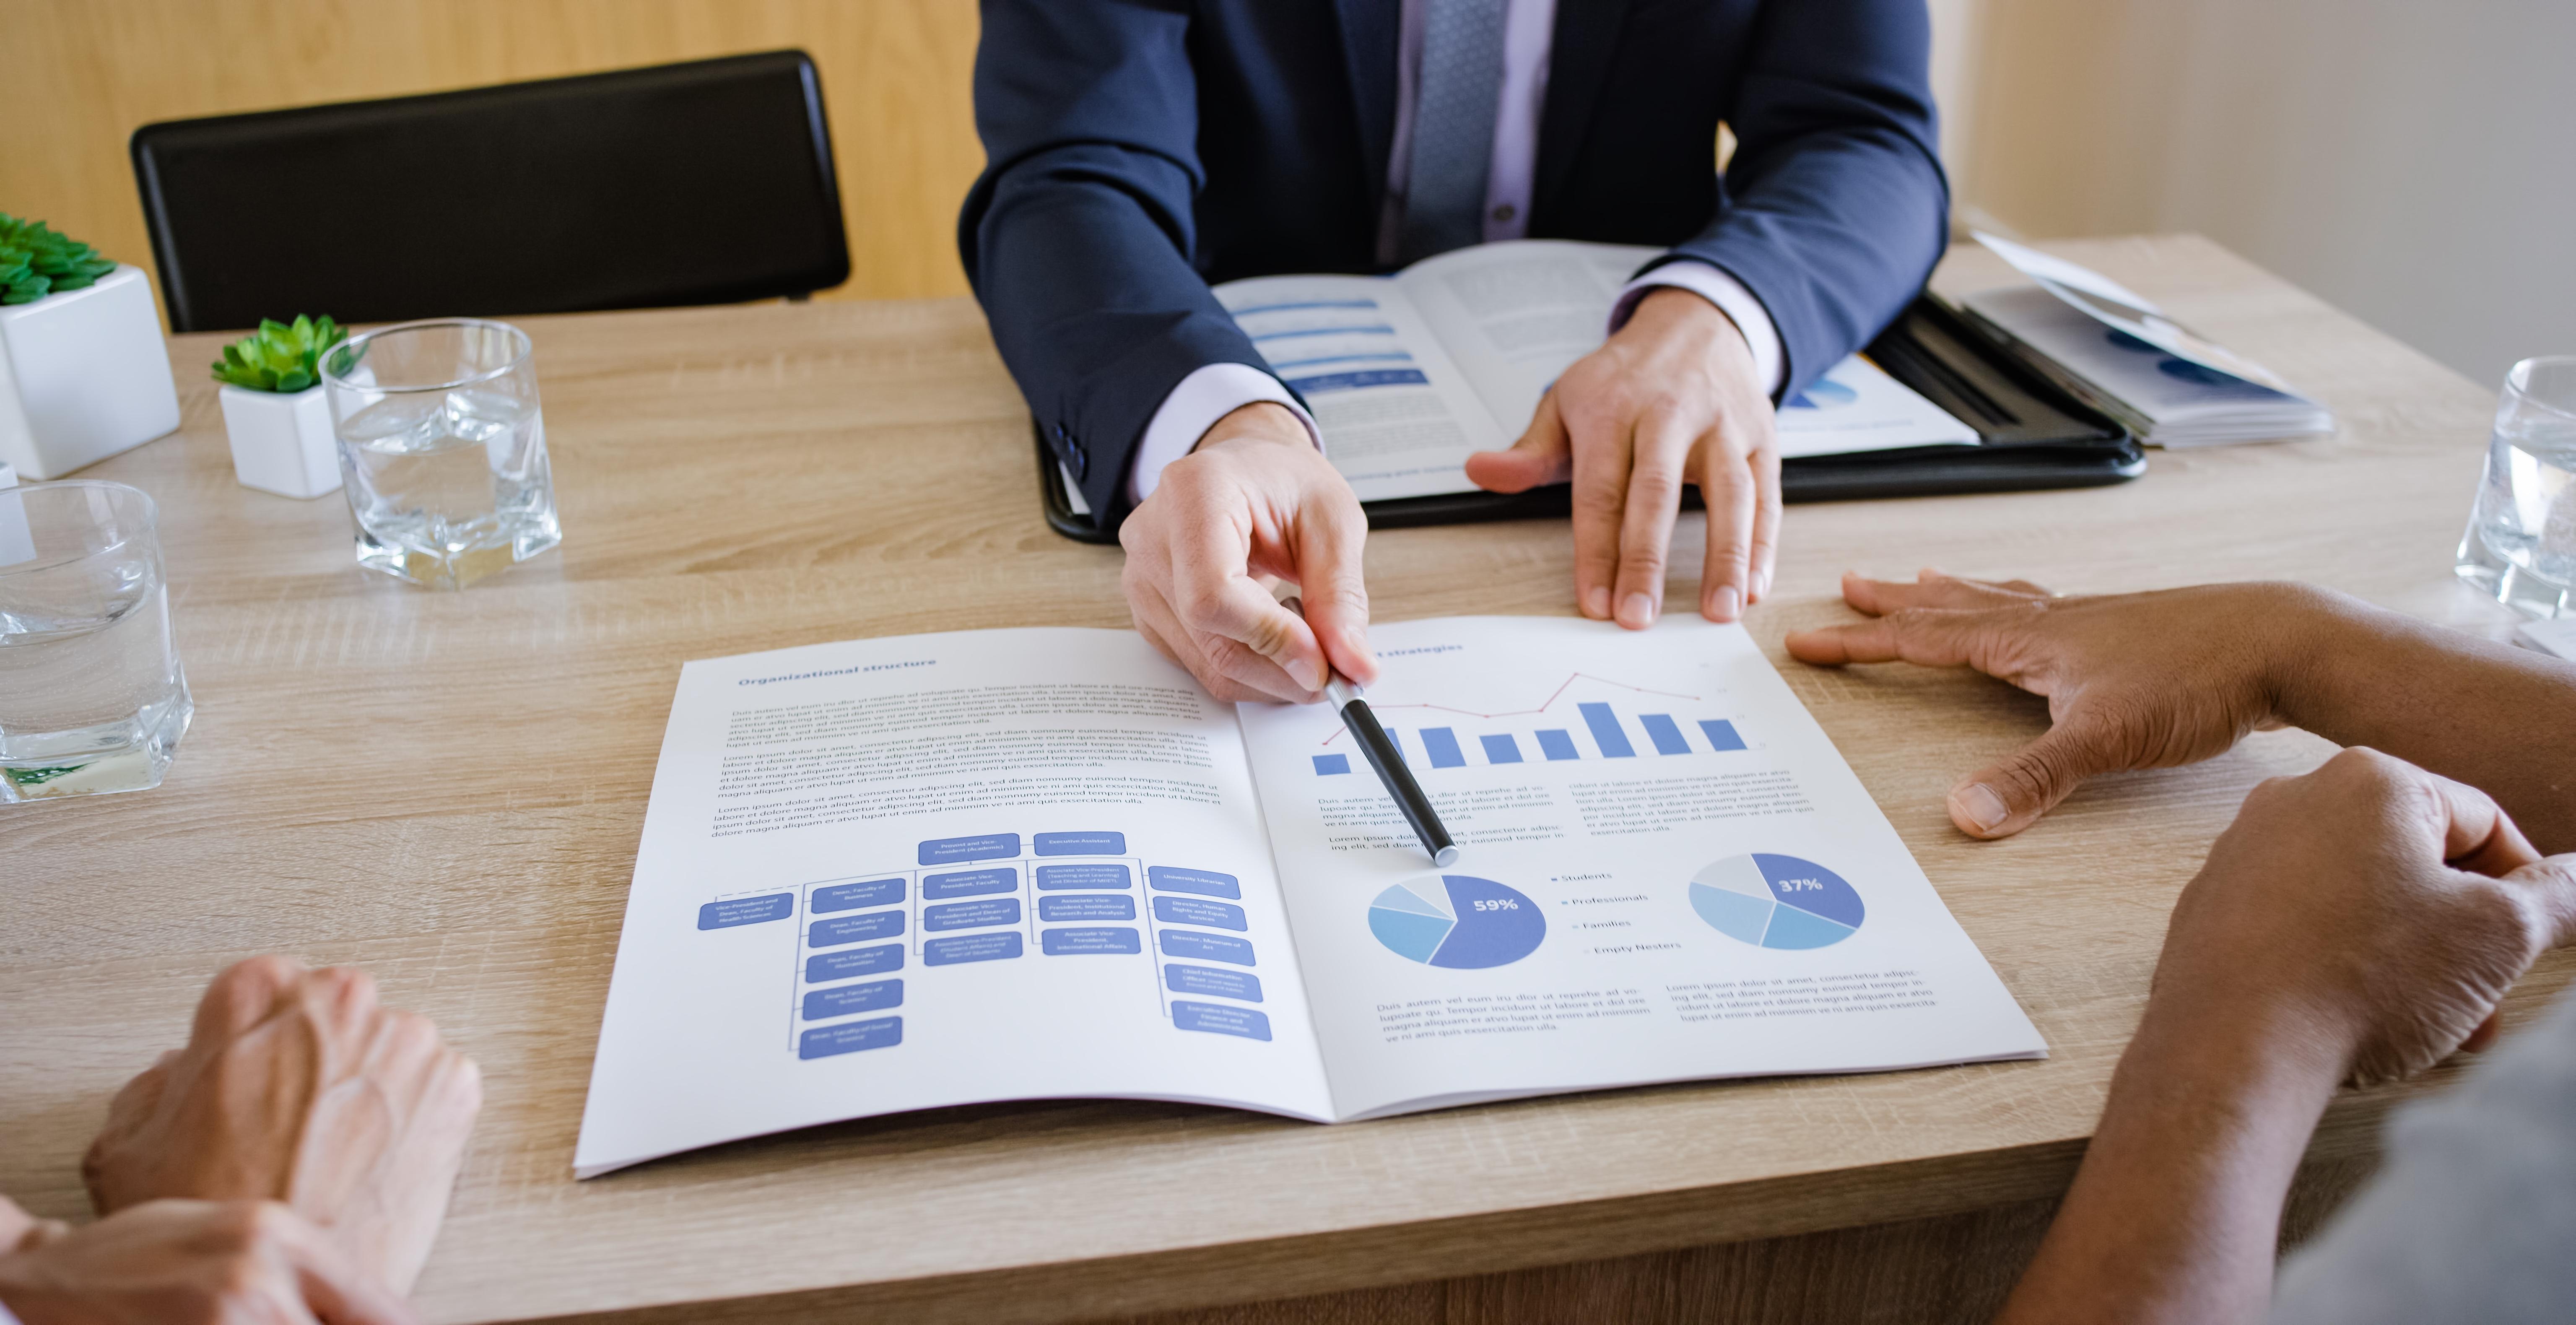 Les 10 facteurs clés de succès pour construire un tableau de bord efficace